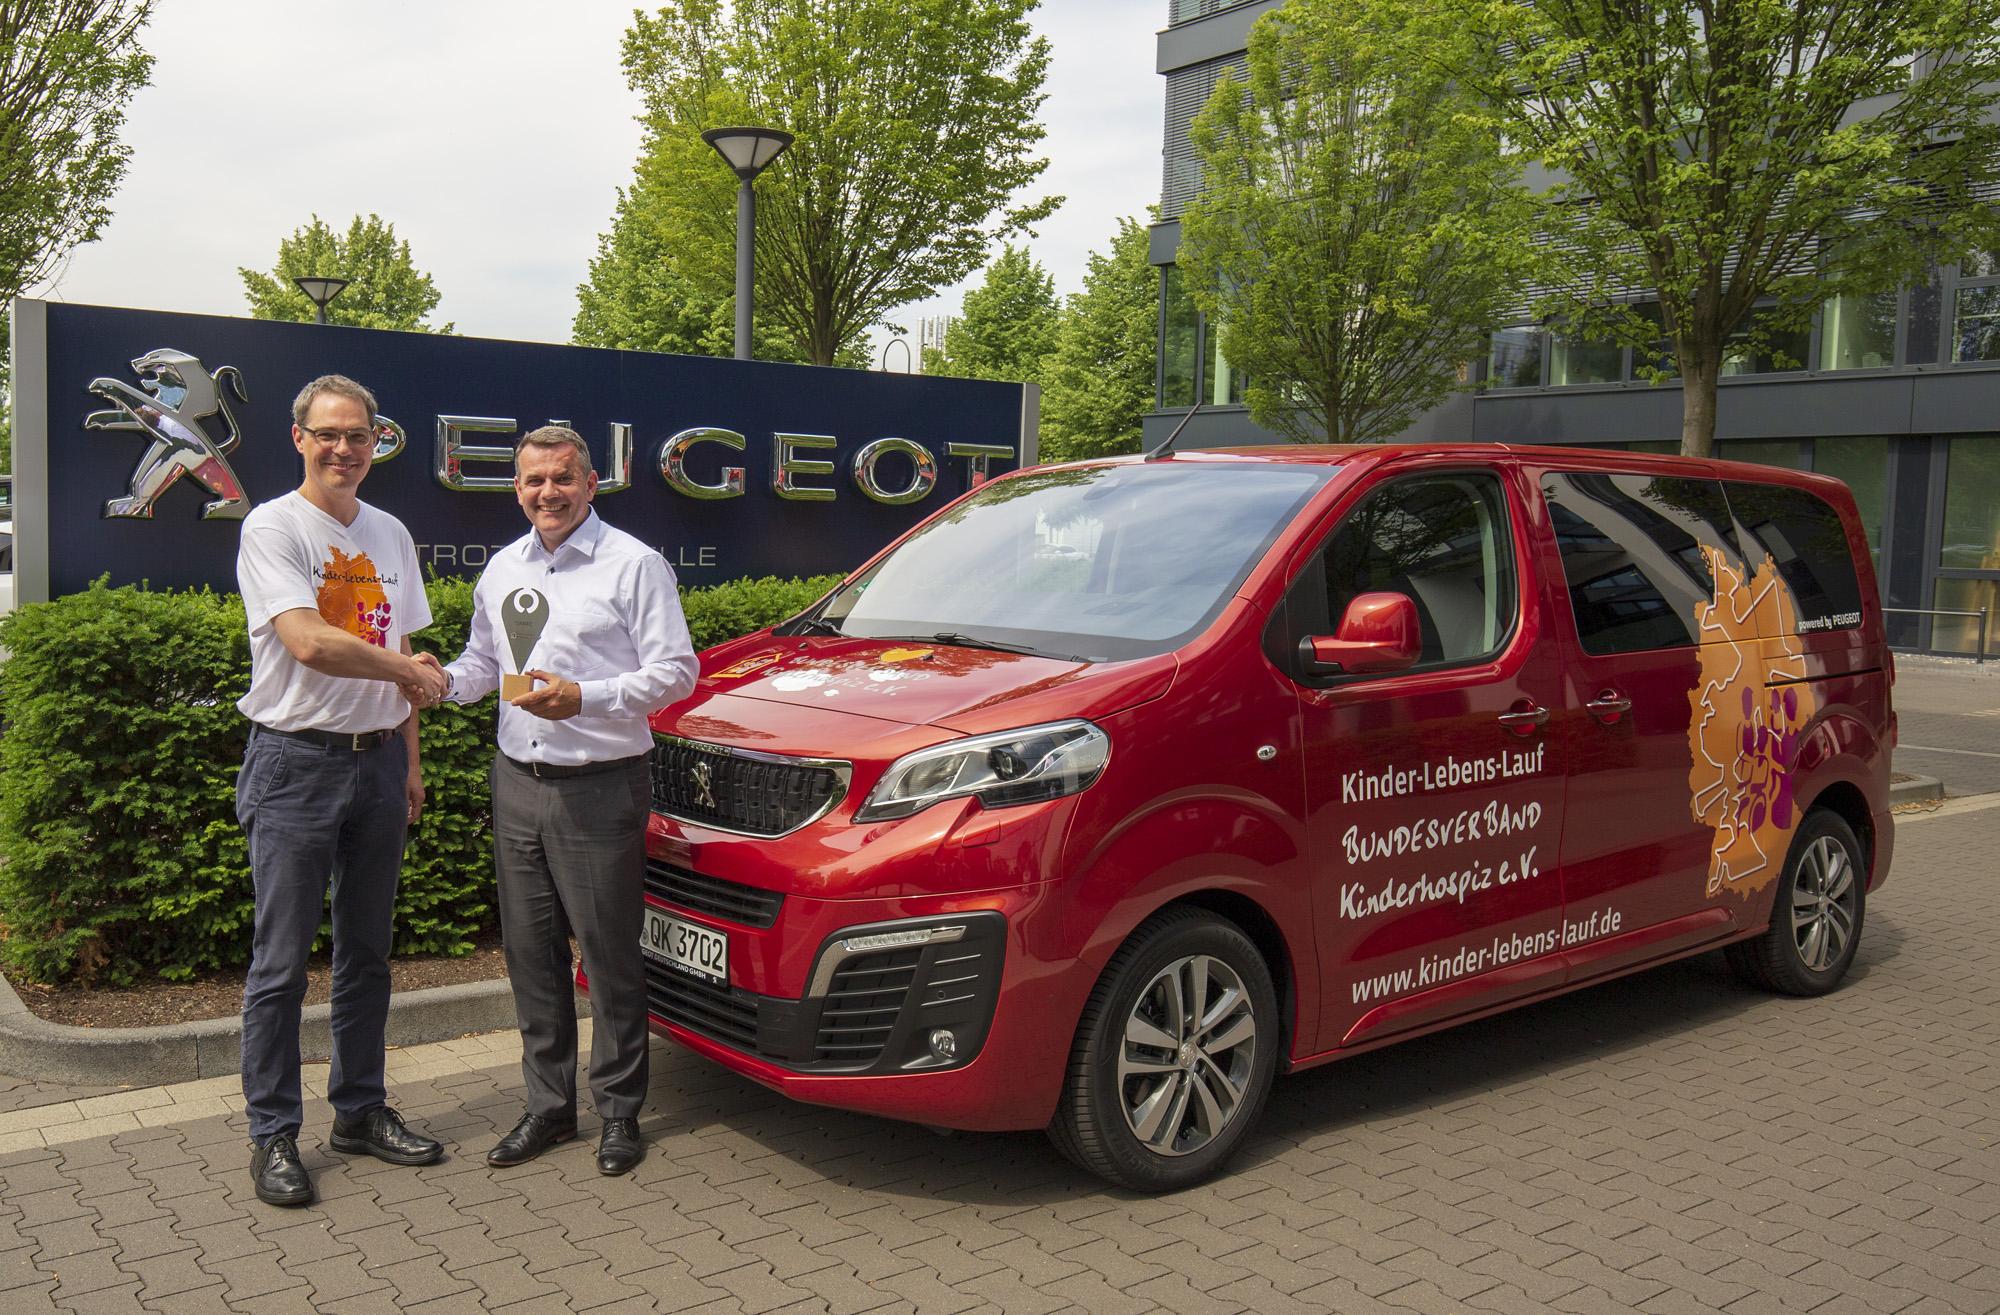 Mit diesem Tourbus geht es quer durch Deutschland. Das Fahrzeug wurde von der Automarke Peugeot zur Verfügung gestellt, die den Kinder-Lebens-Lauf ebenfalls unterstützt. Foto: Peugot